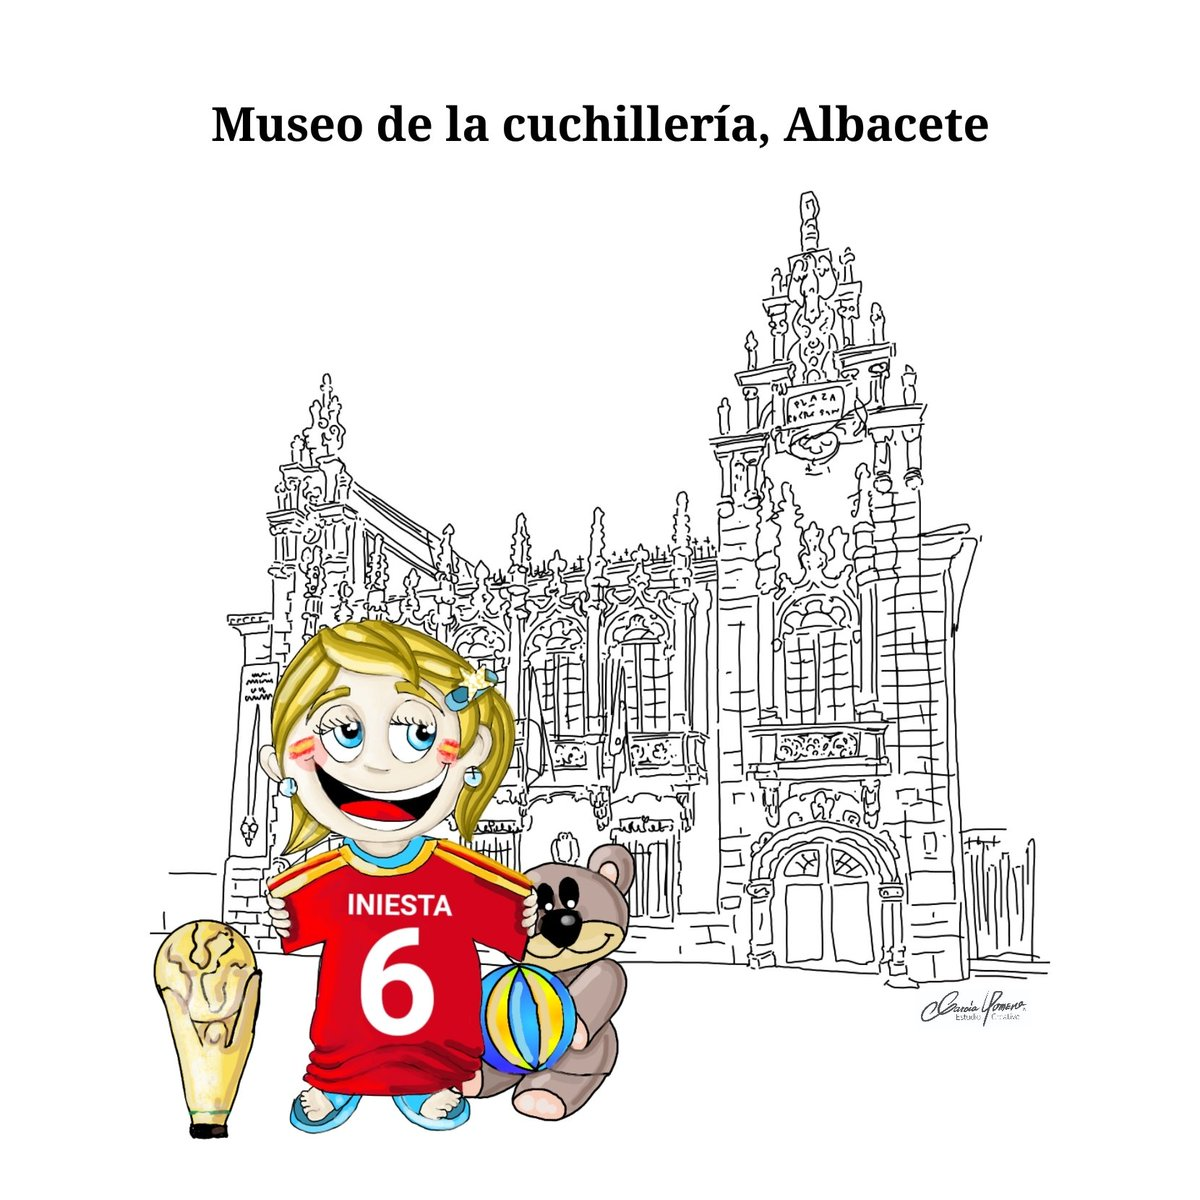 Hola Perejiles!!! #VictoriaPerejil está en la provincia de #Albacete y quiere rendir homenaje a #Iniesta #Fútbol  #Fuentealbilla. #CastillaLaMancha Disfruta y colorea!!! 👇  #EspañaDeMilColores #JuntoLoEstamosConsiguiendo #QuédateEnCasa